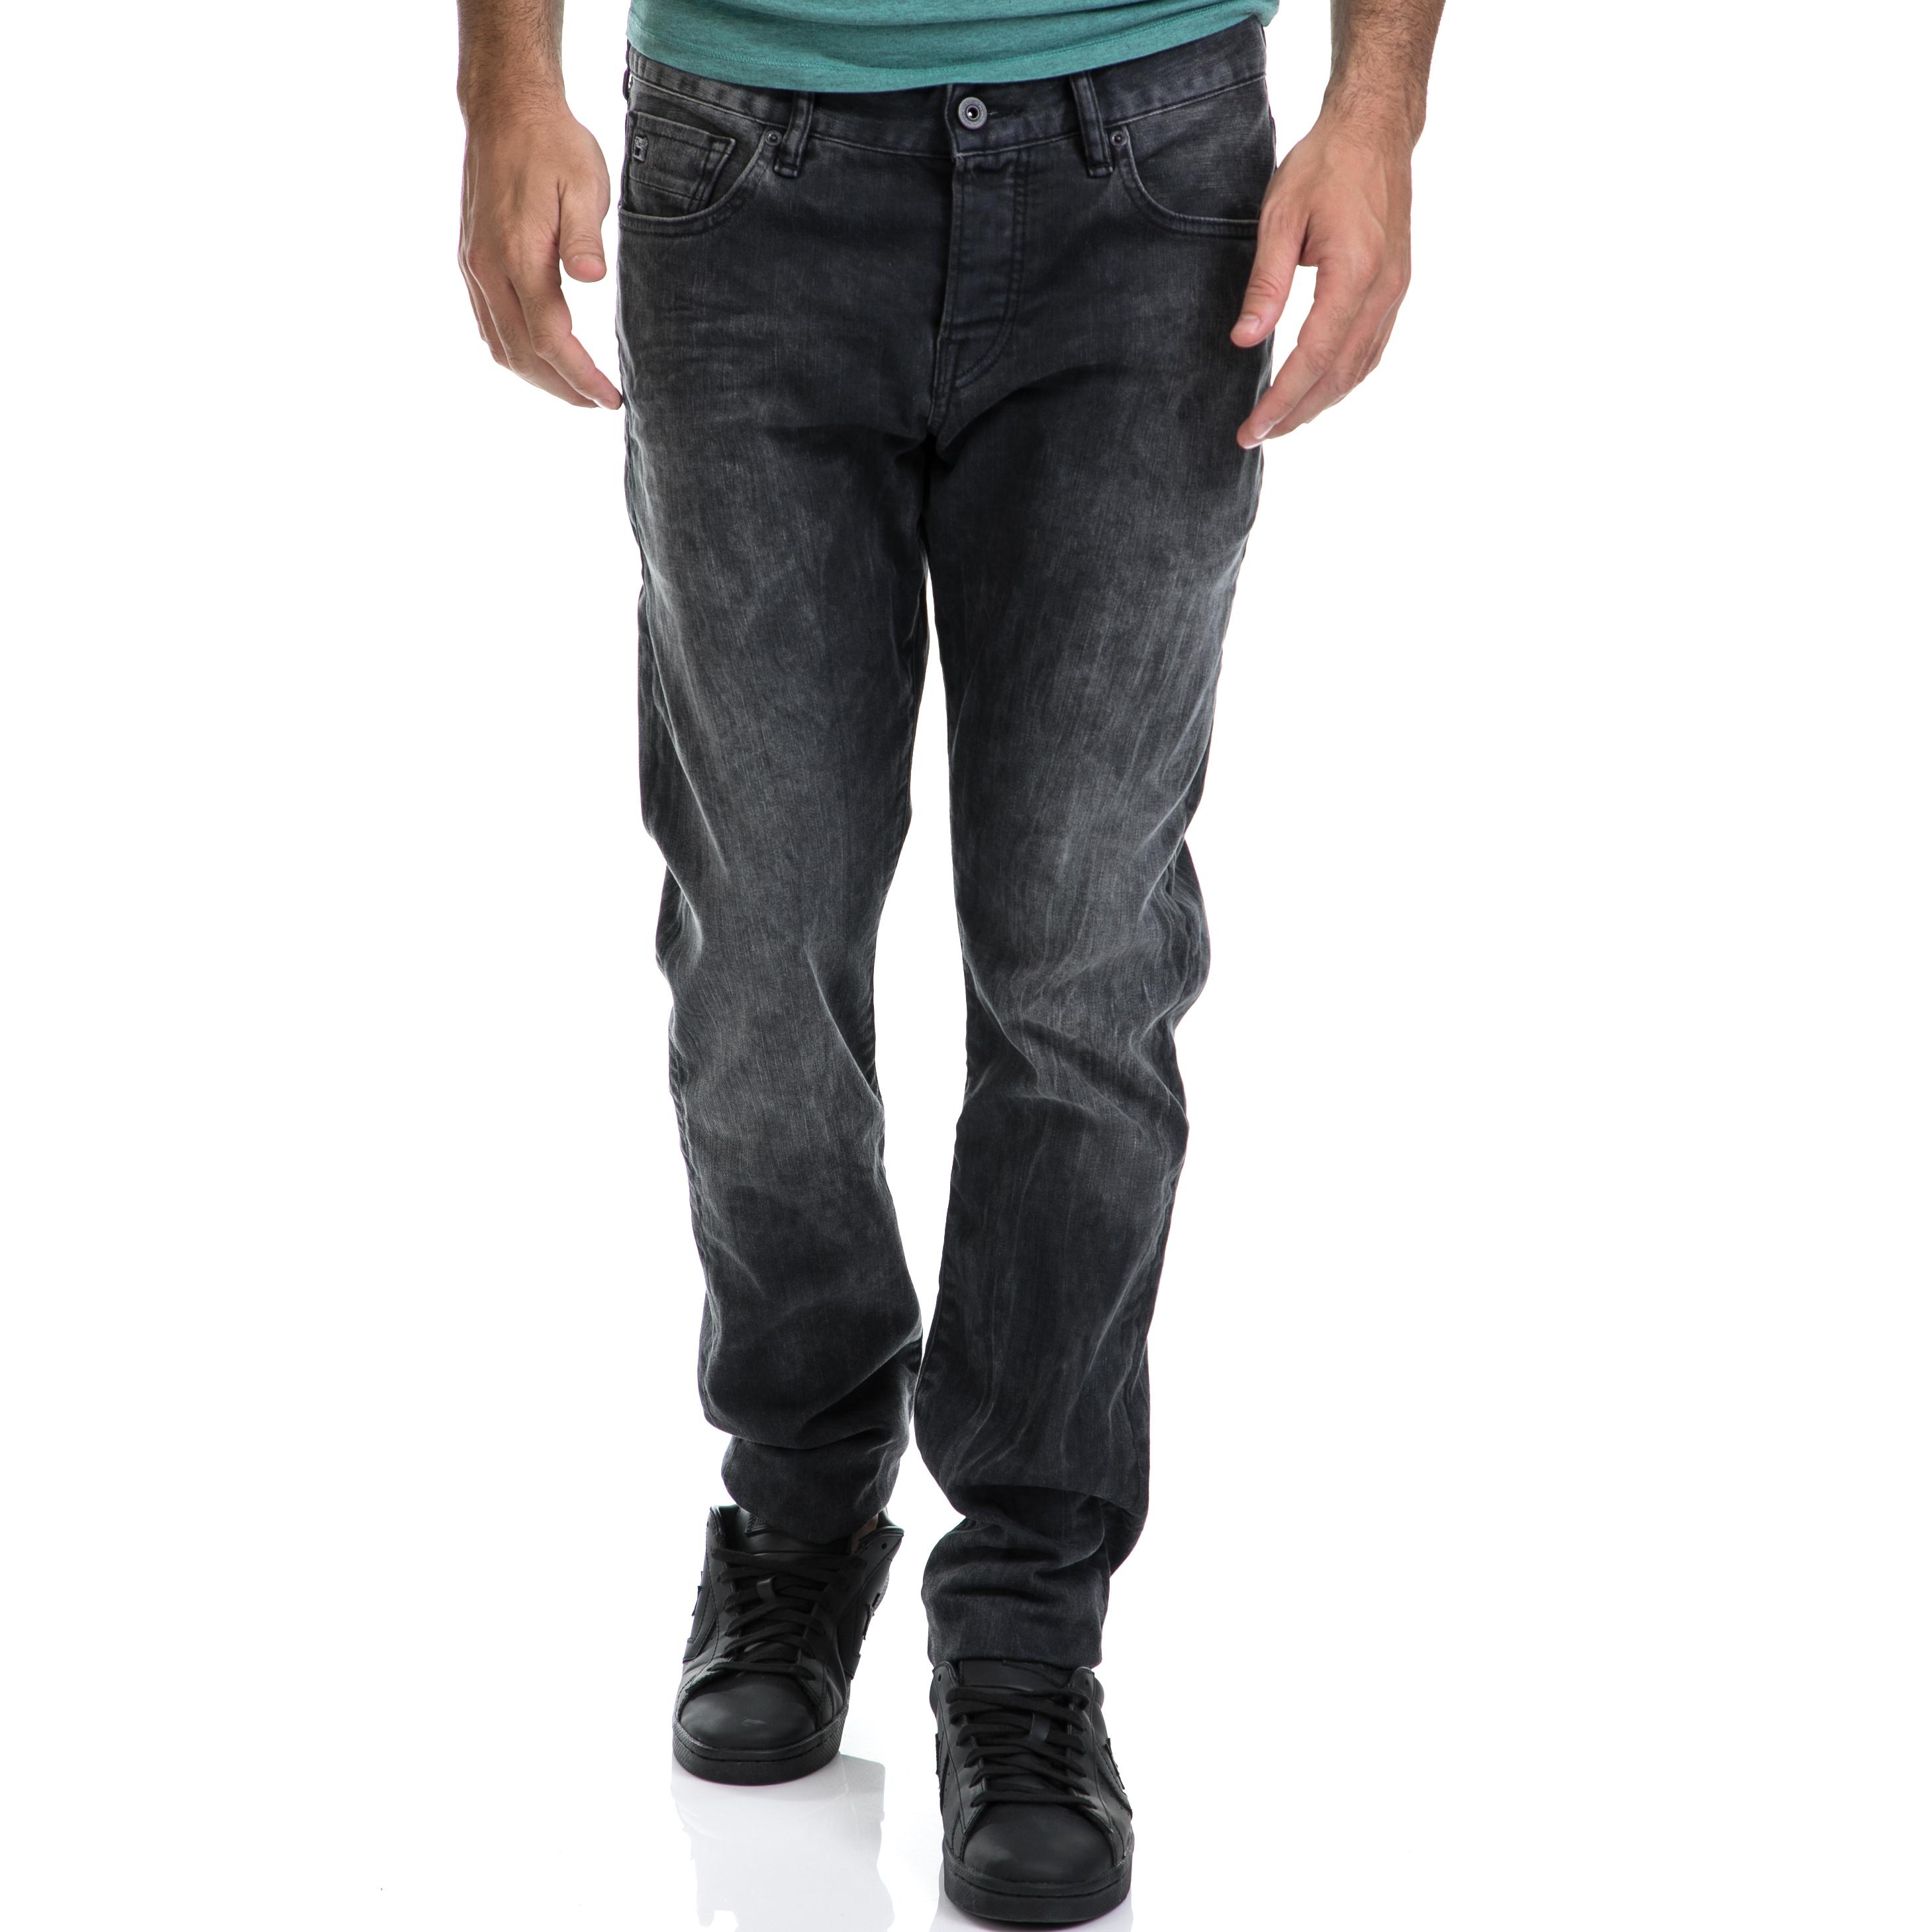 SCOTCH & SODA – Ανδρικό τζιν παντελόνι SCOTCH & SODA γκρι